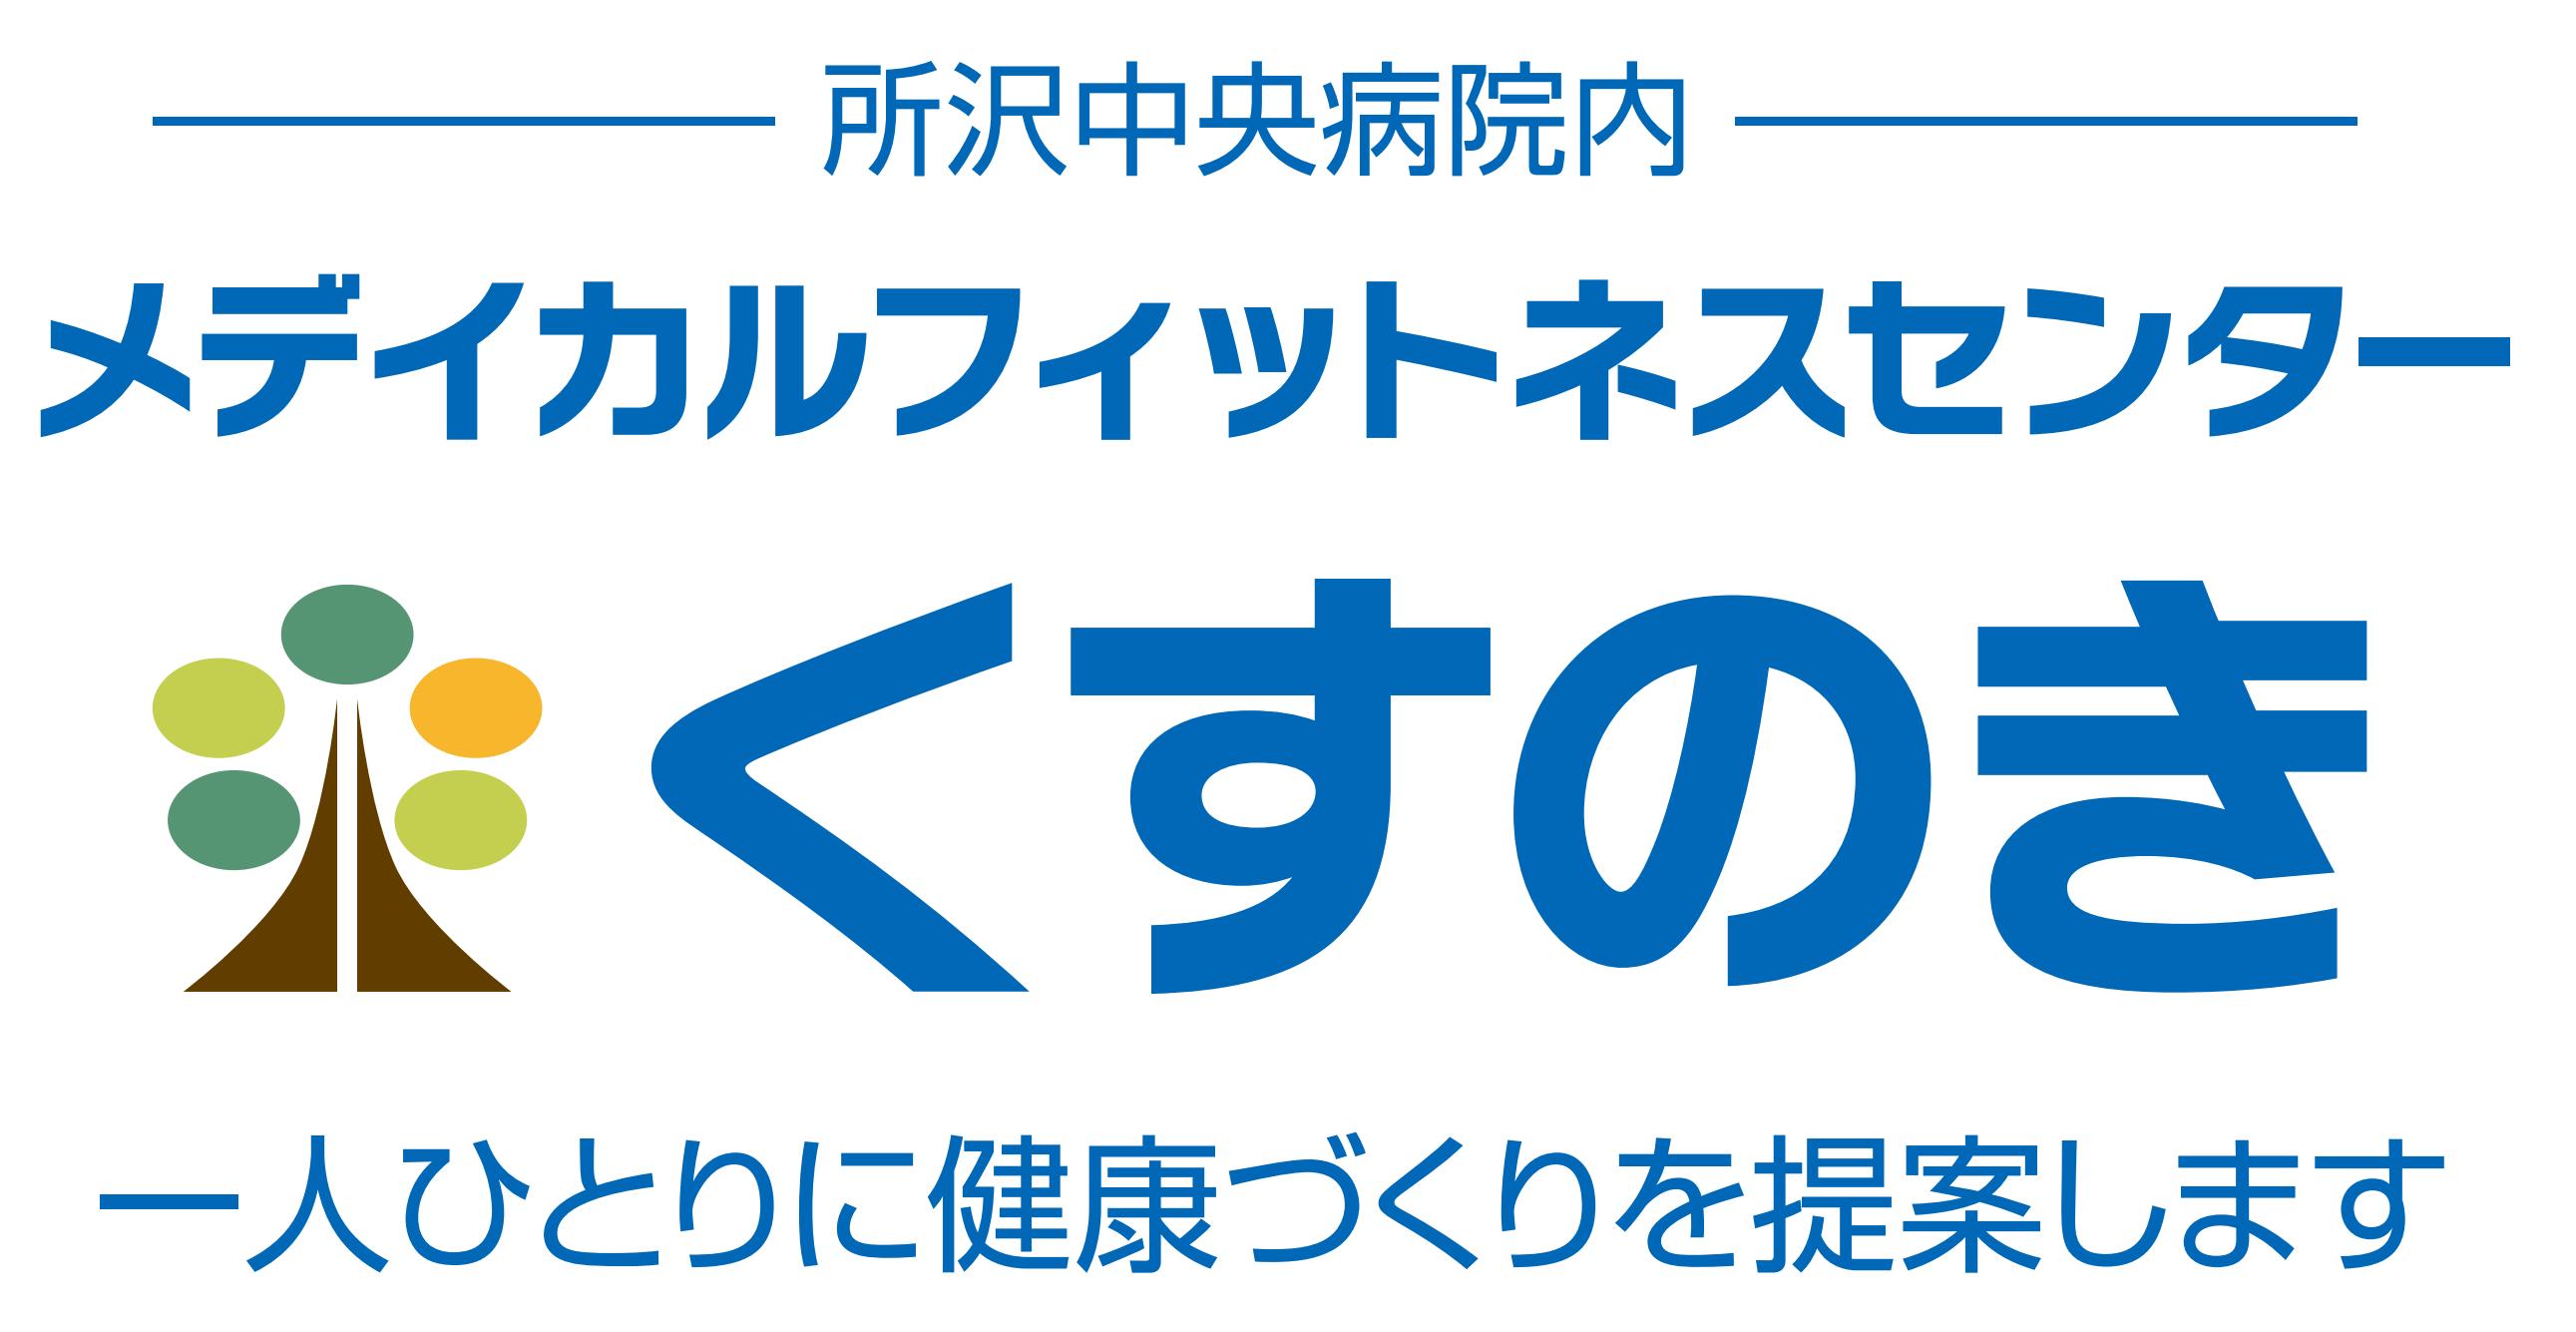 logo-kenkou